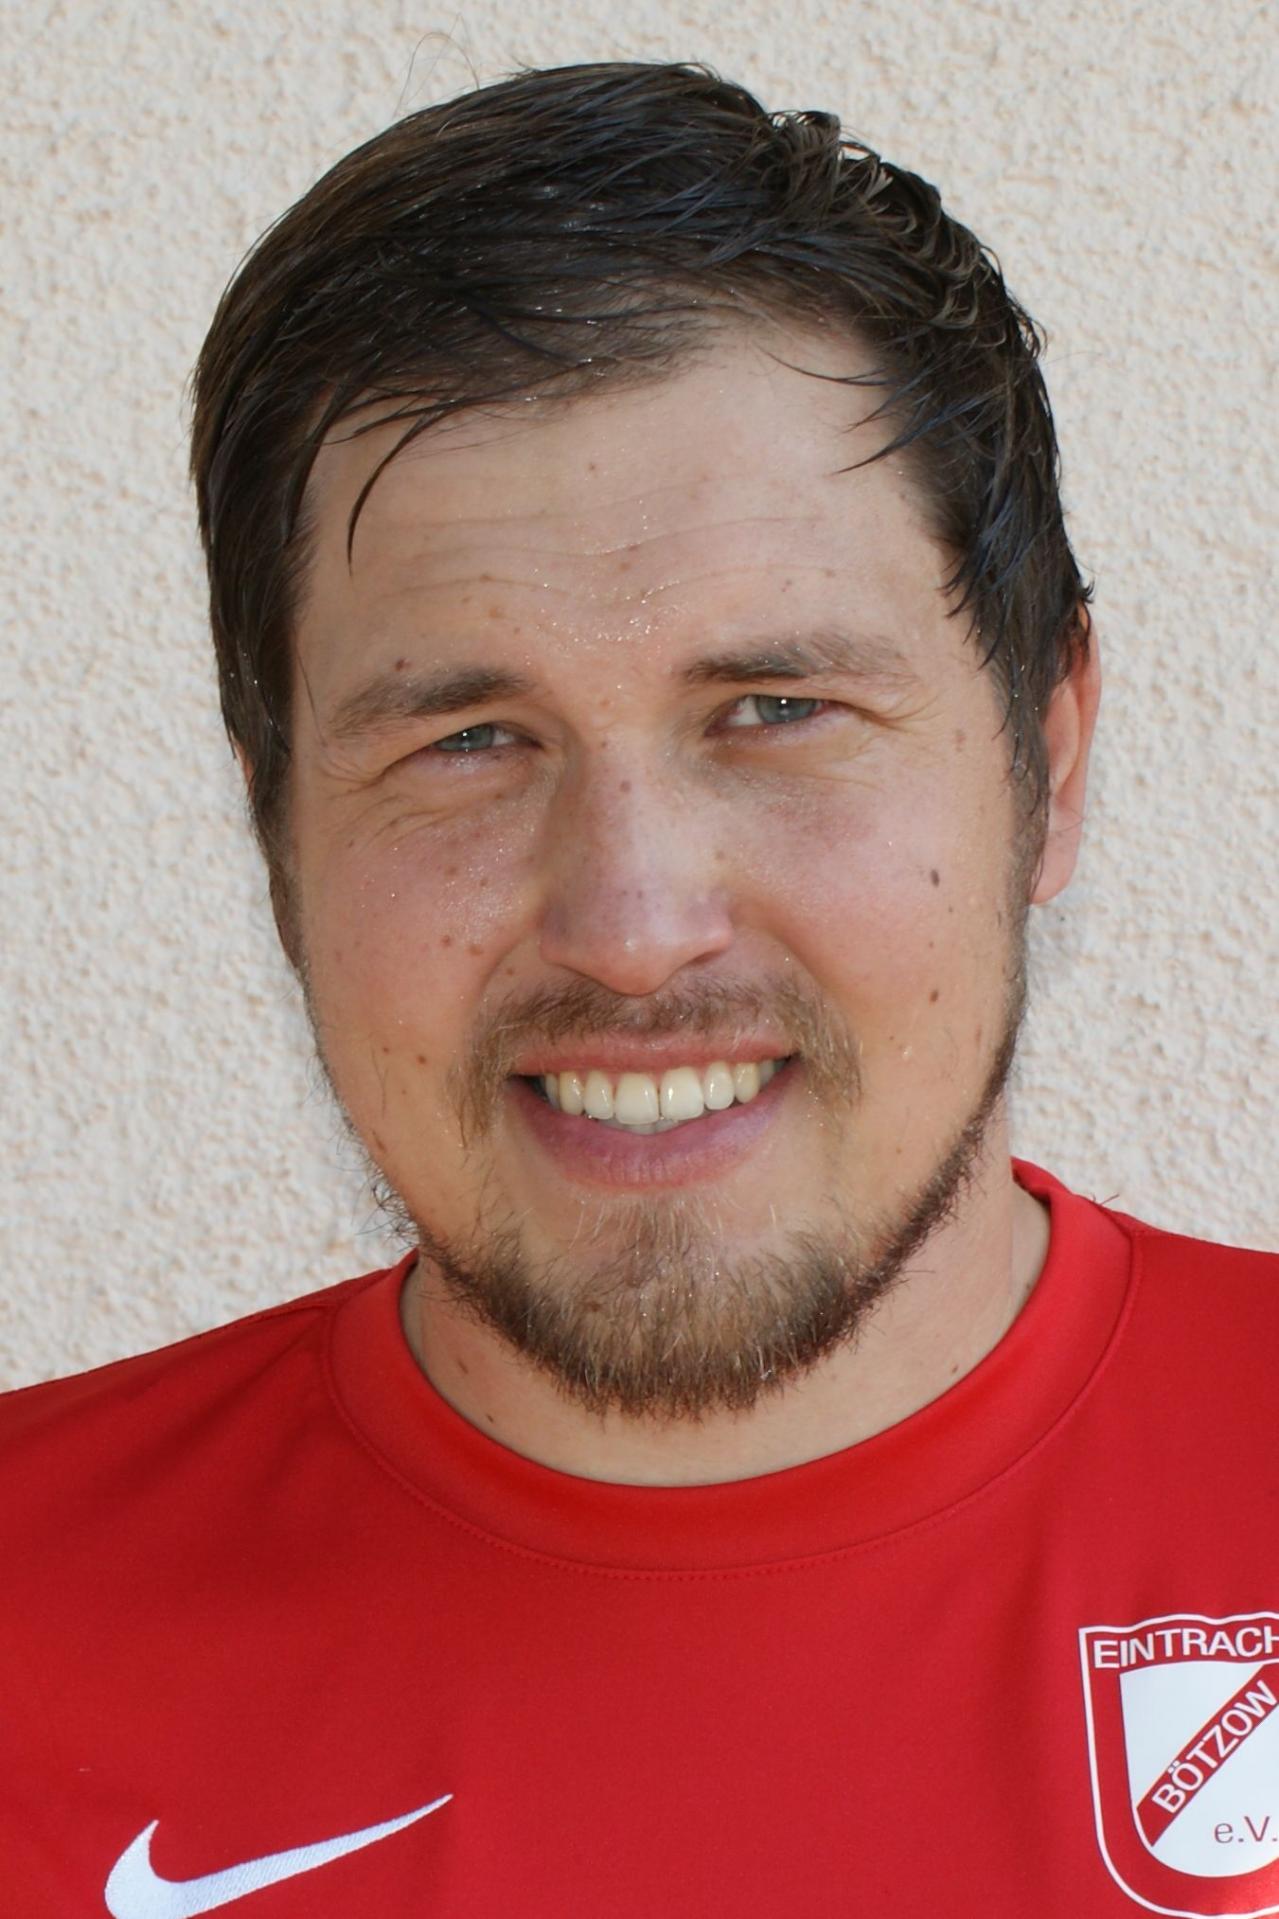 Michael Schülzke